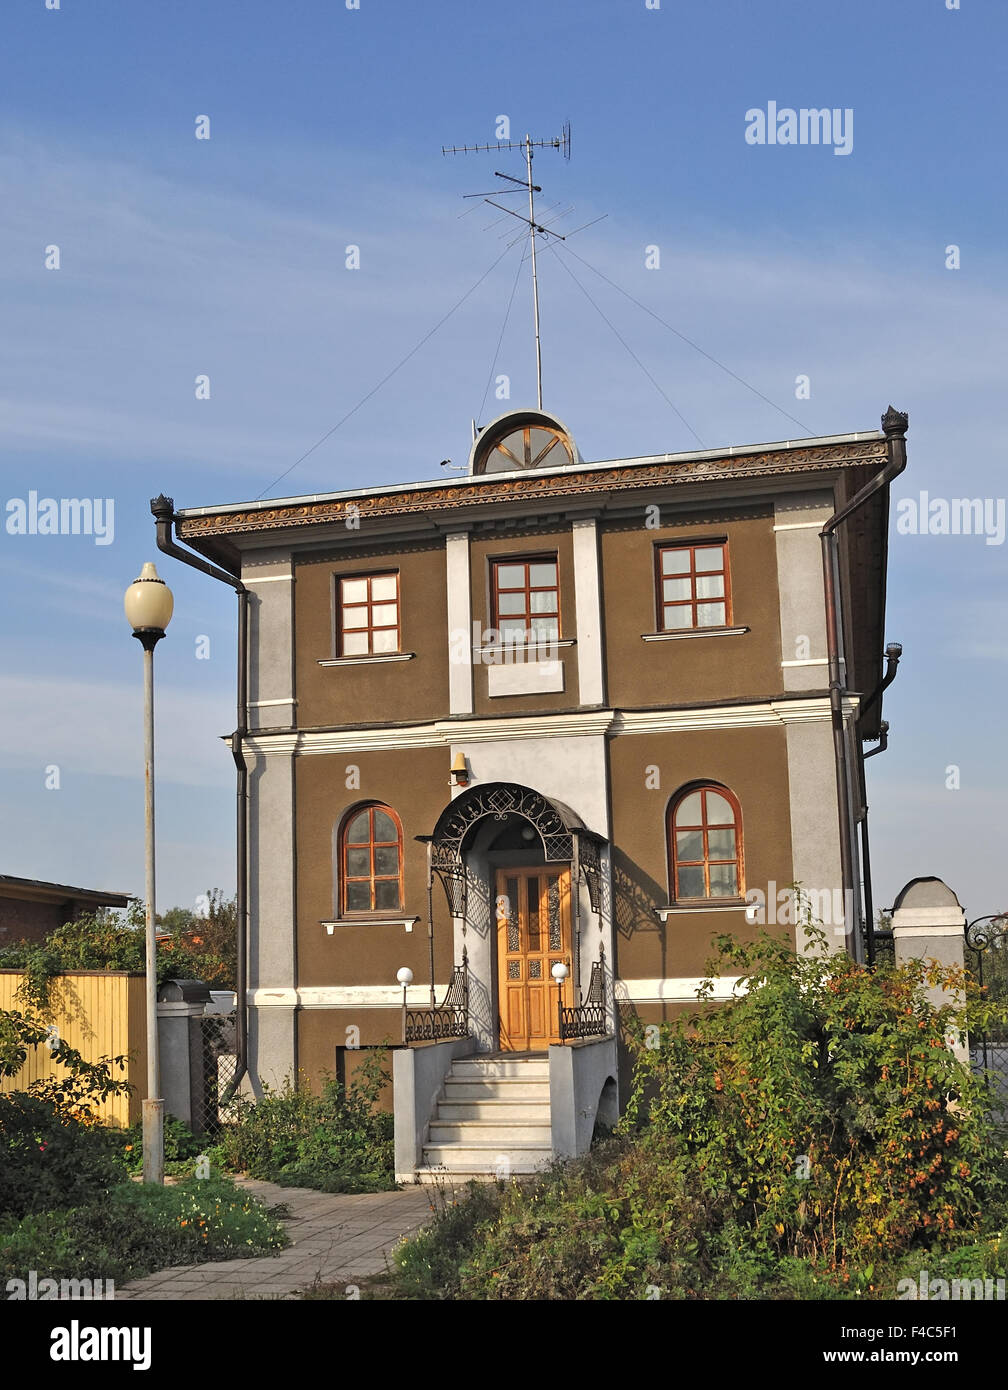 Nouvelle maison moderne avec verdure devant Photo Stock